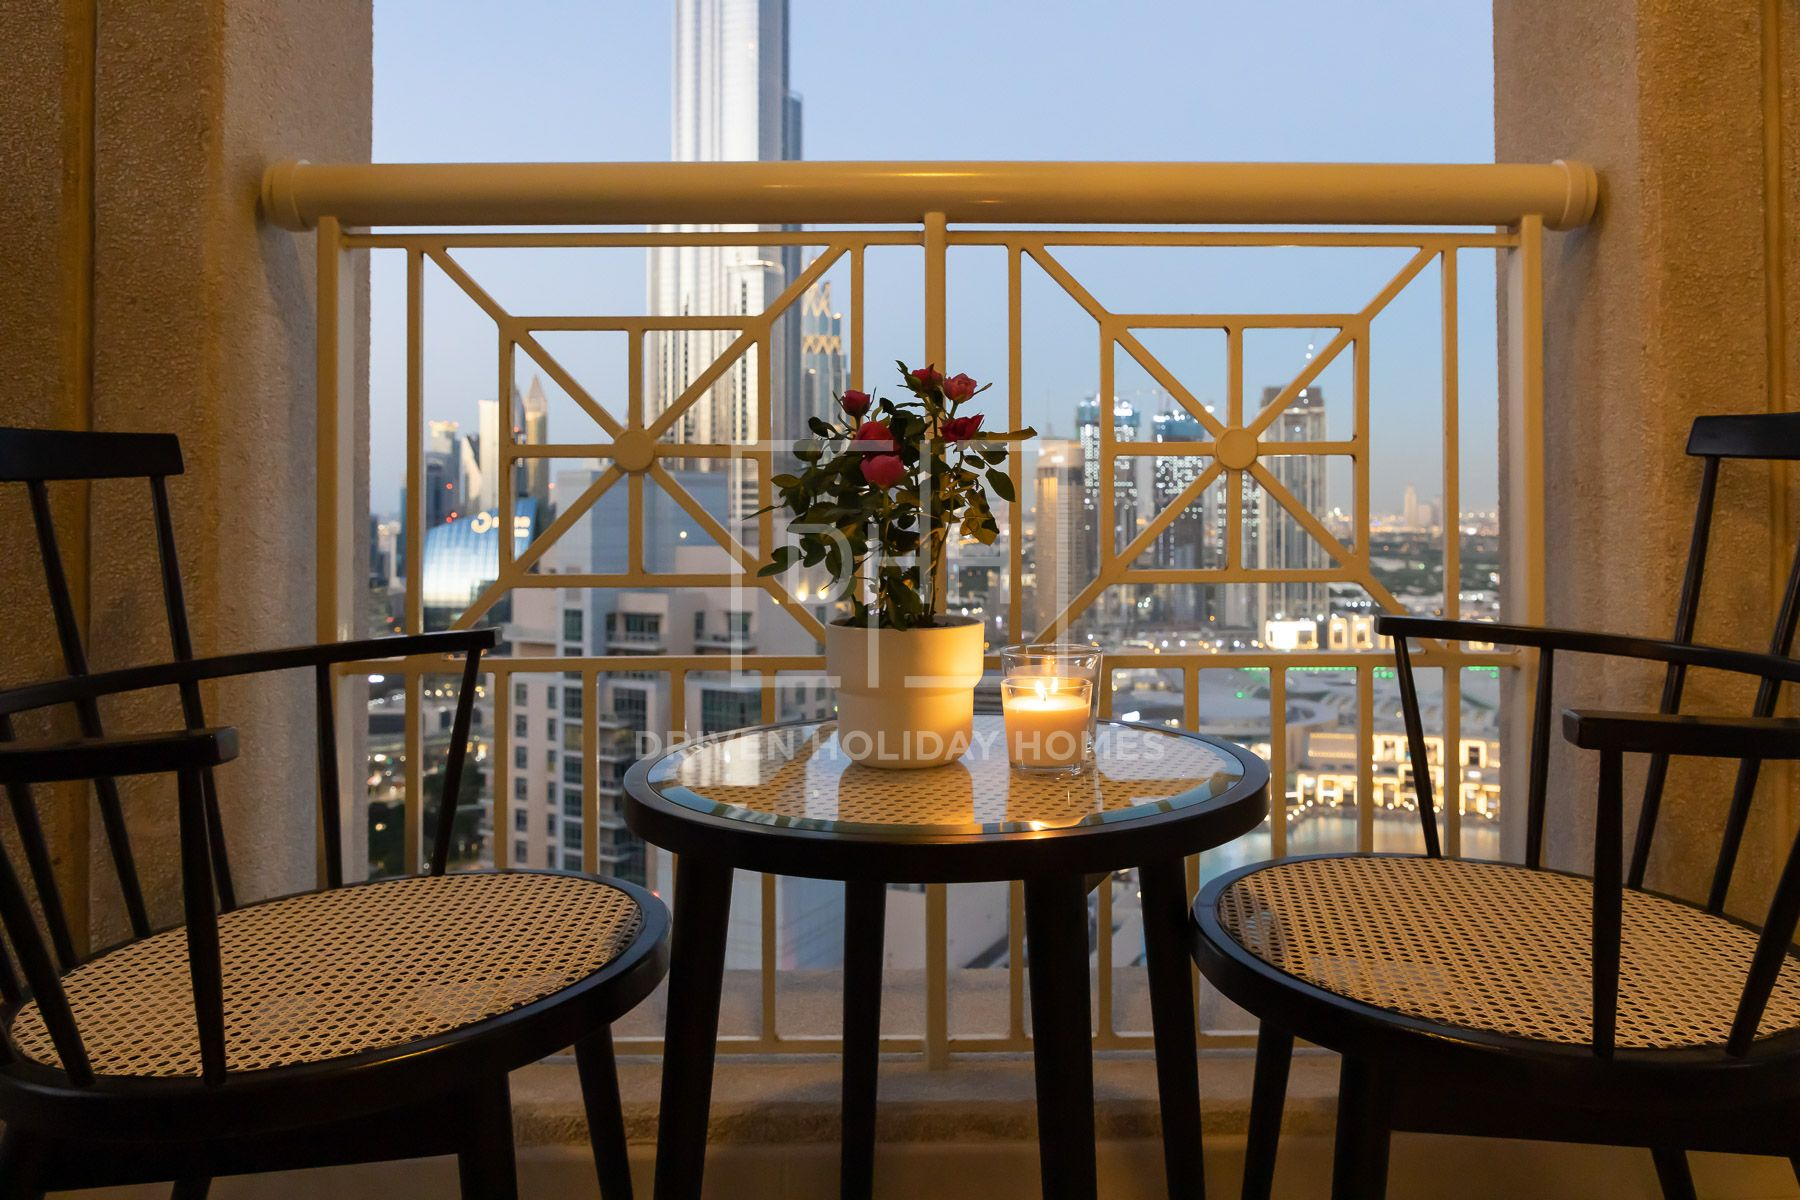 للايجار - شقة - 29 برج بوليفارد - دبي وسط المدينة